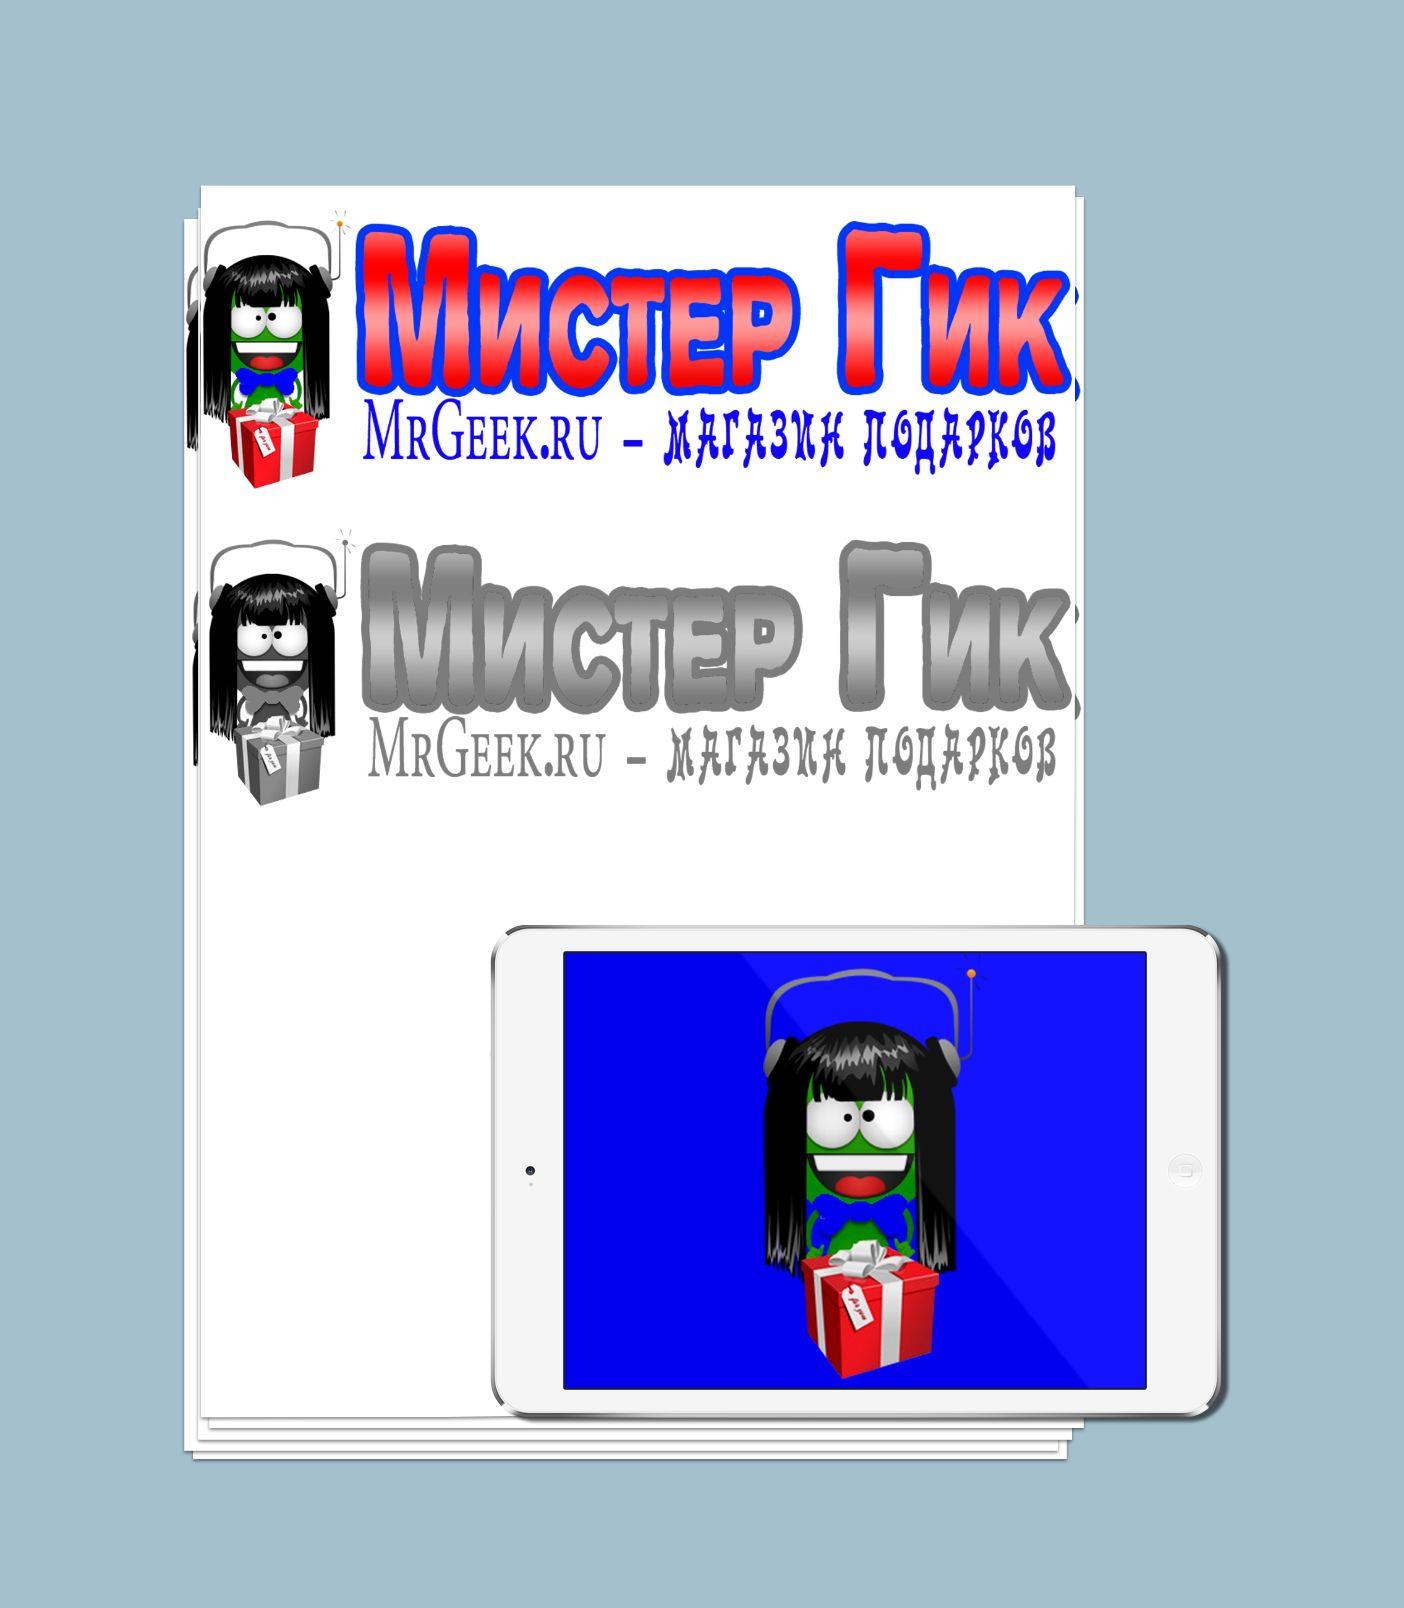 Логотип для магазина подарков - дизайнер ForceFox